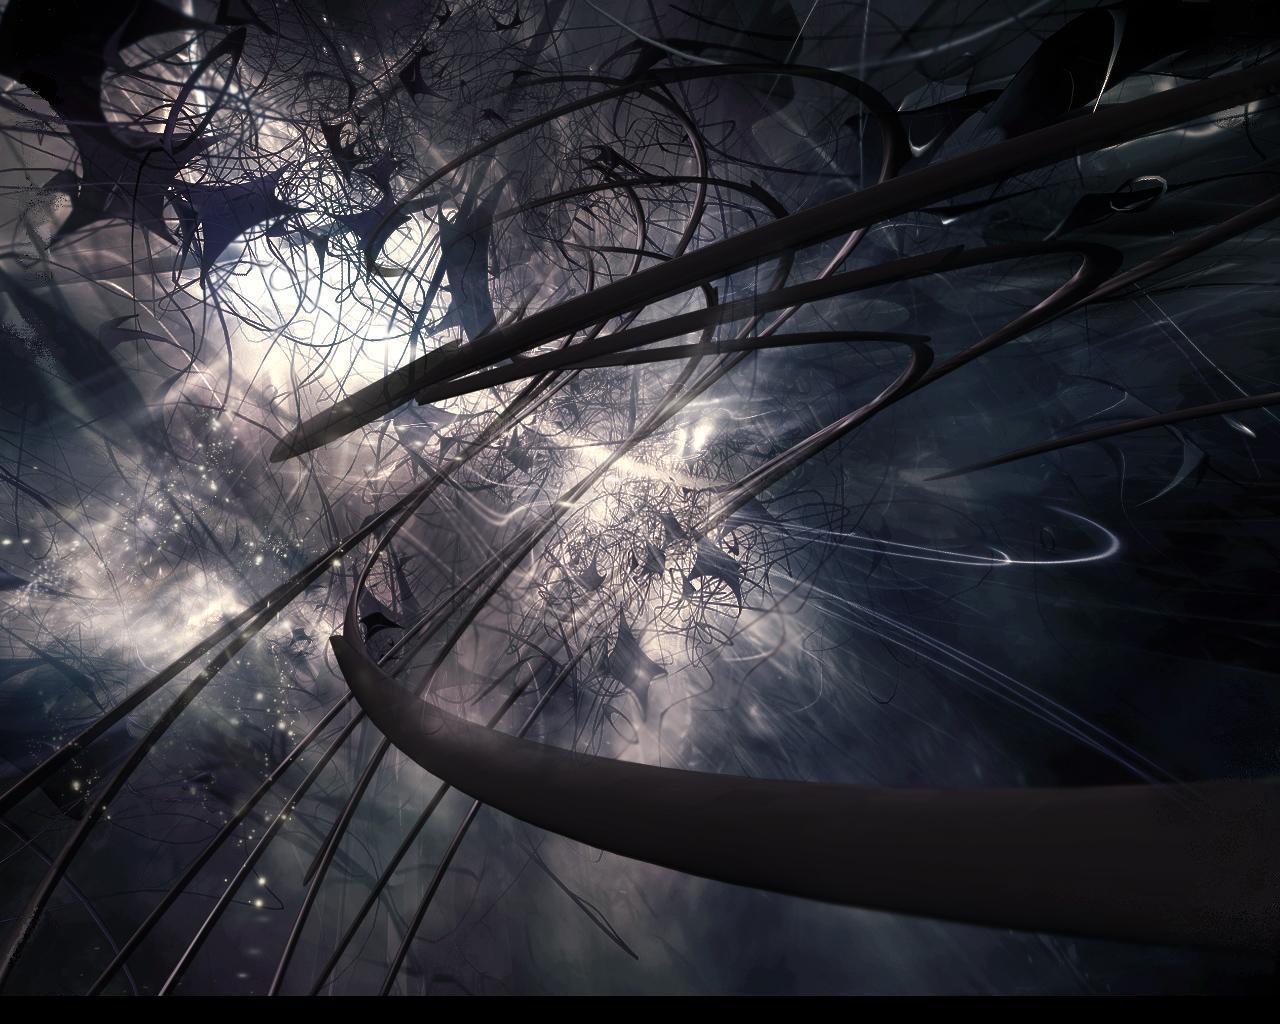 Dark 3d Abstract Wallpaper - Abstract Dark , HD Wallpaper & Backgrounds